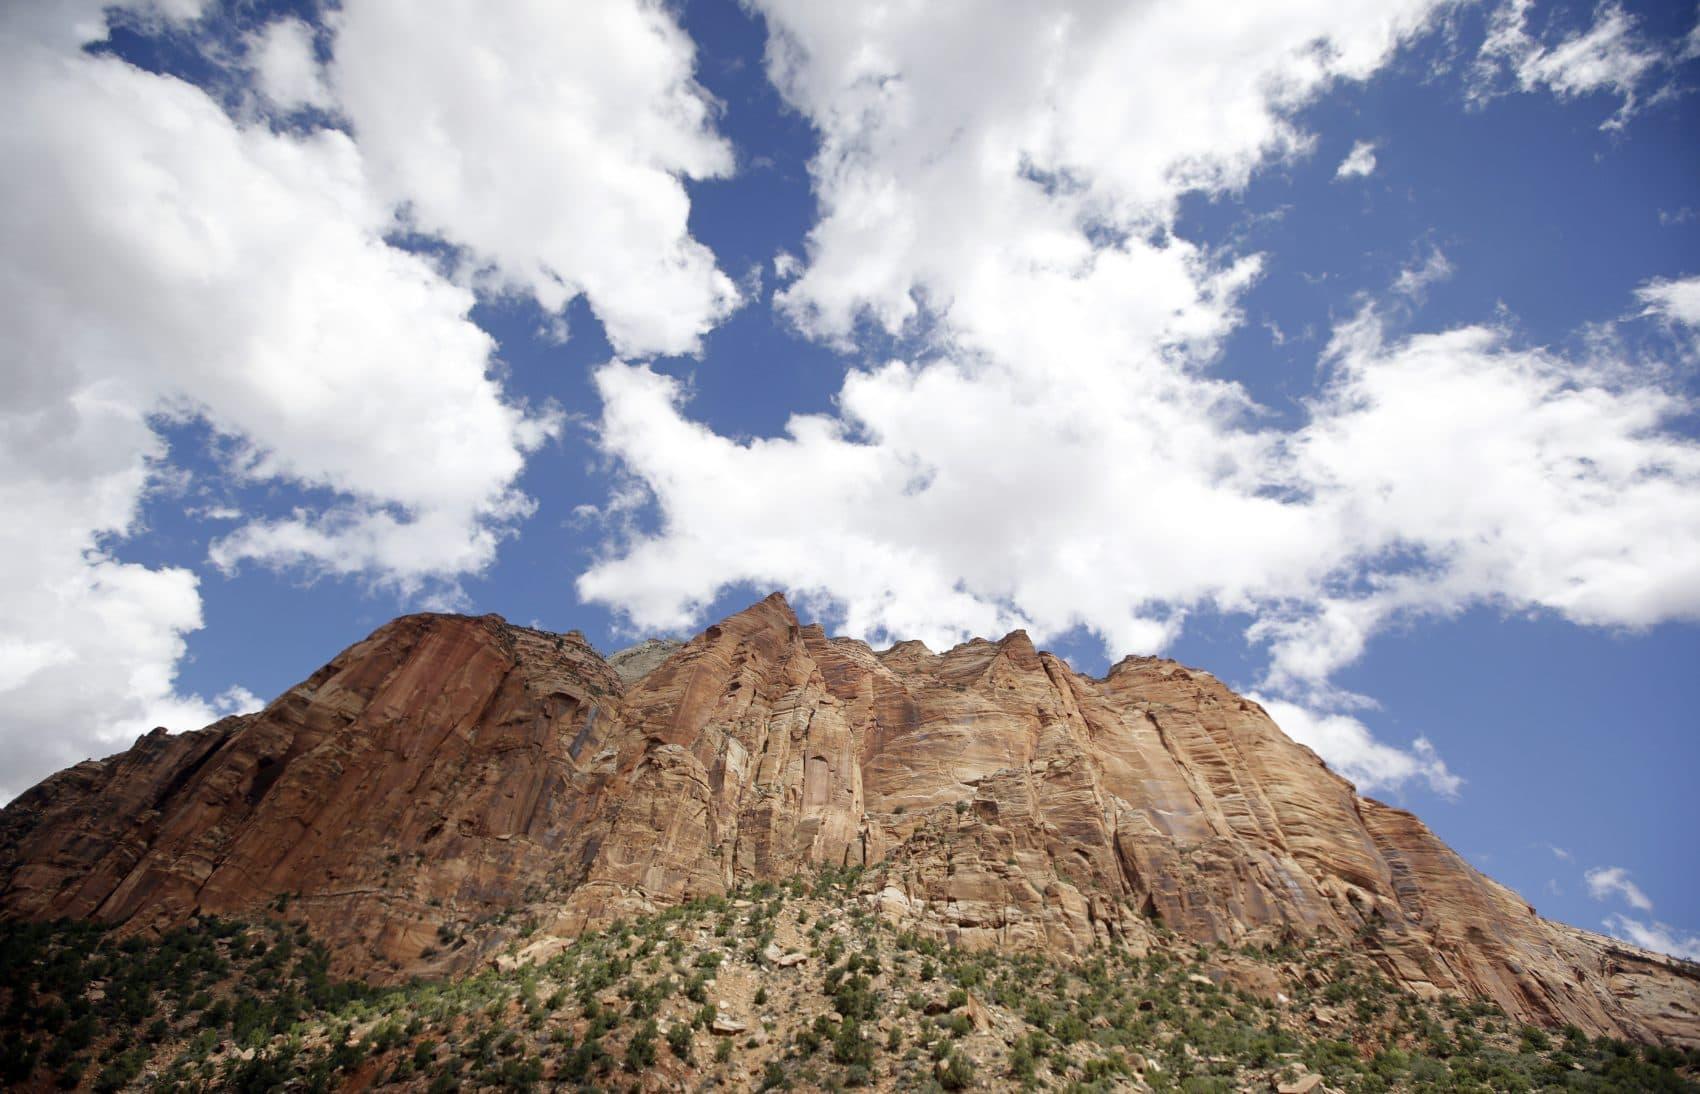 Zion National Park, near Springdale, Utah. (Rick Bowmer/AP)